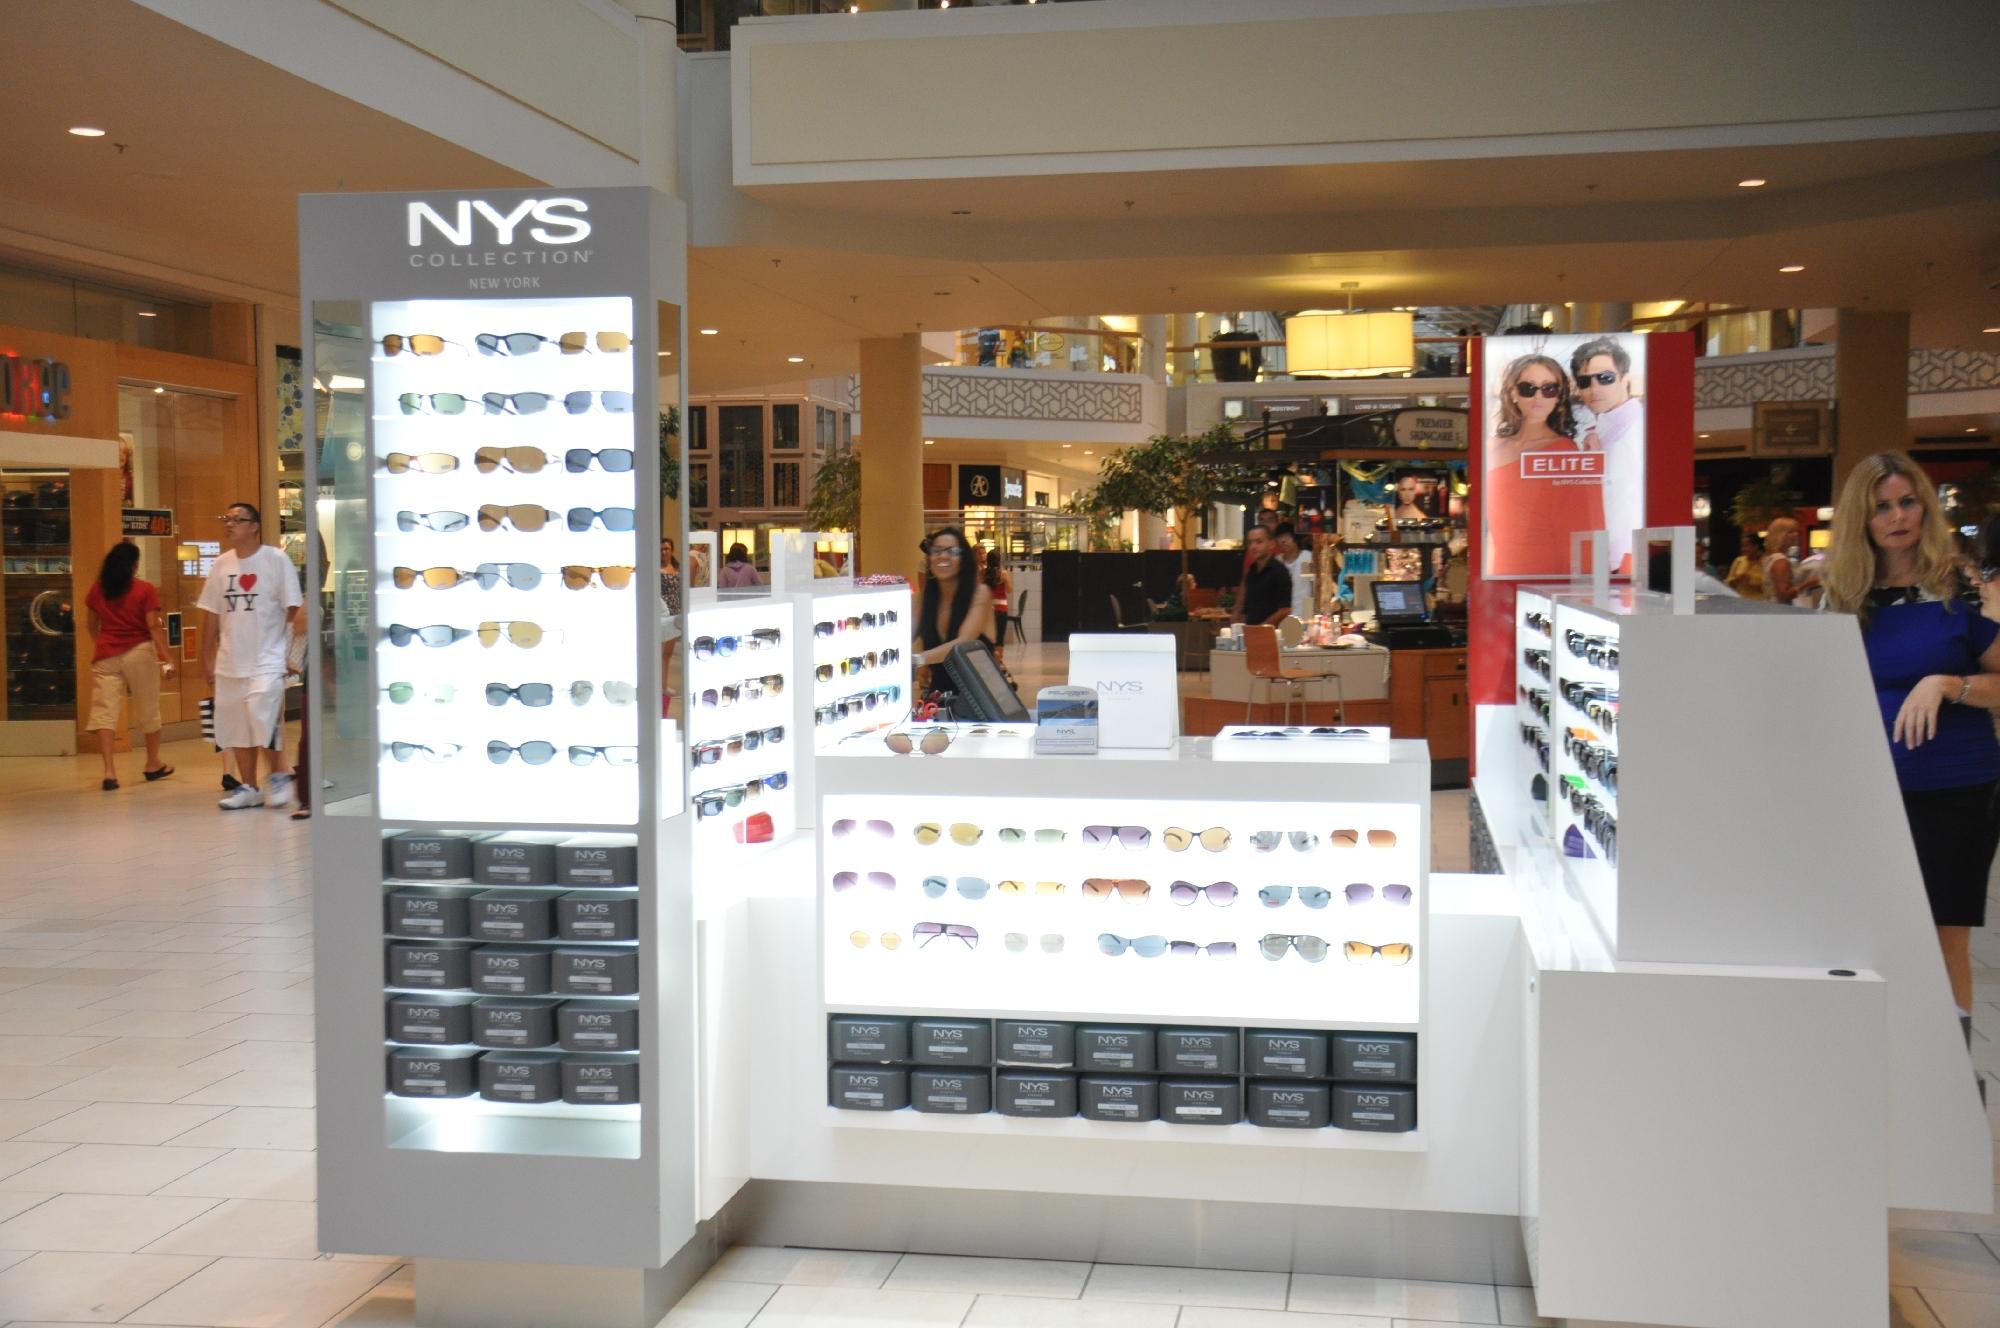 NYS KIOSK Freehold Mall 2012 069__51.jpg